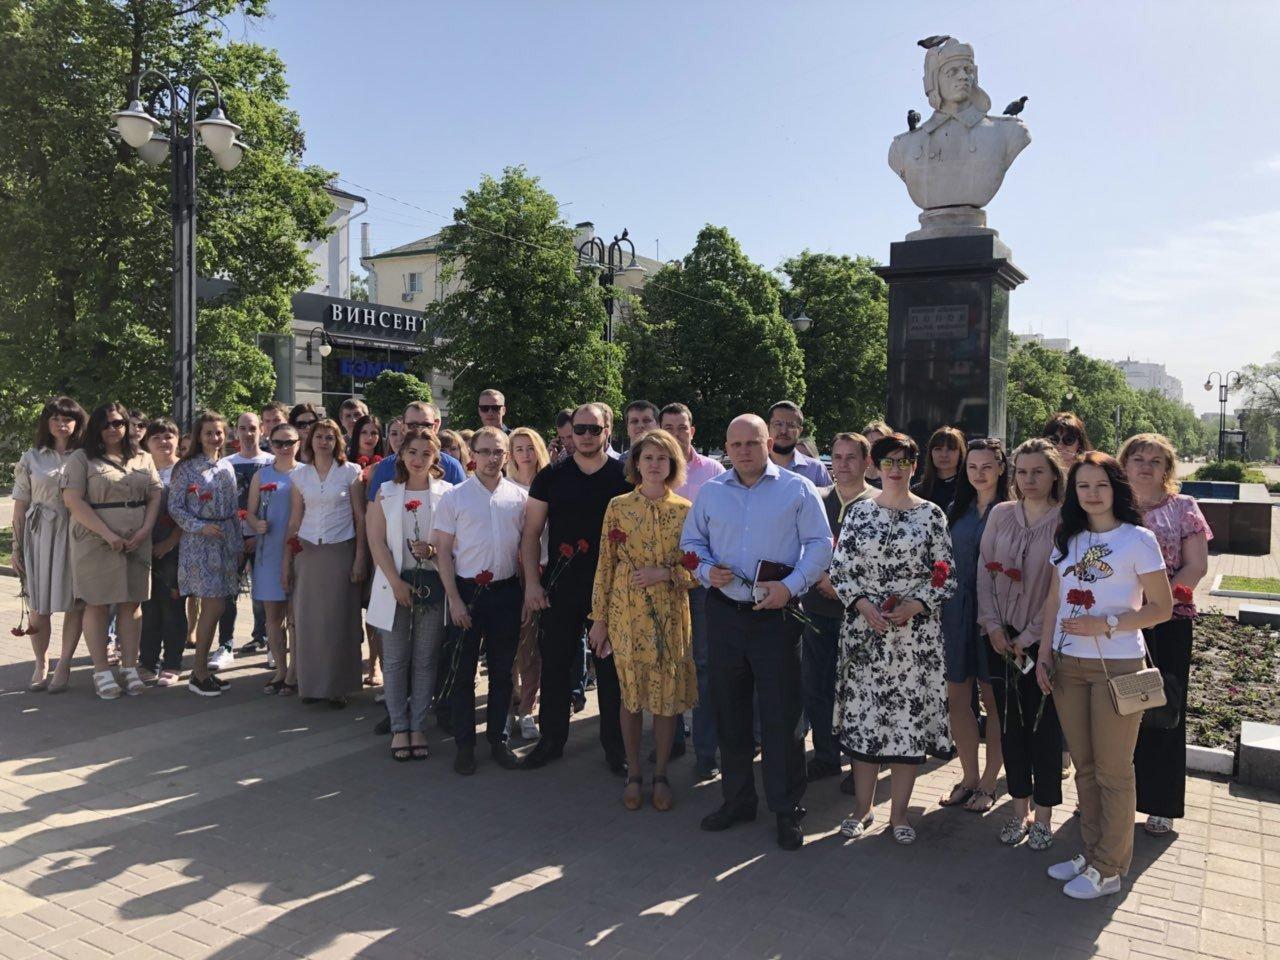 Белгородцы возложили цветы к памятнику танкисту Попову, фото-1